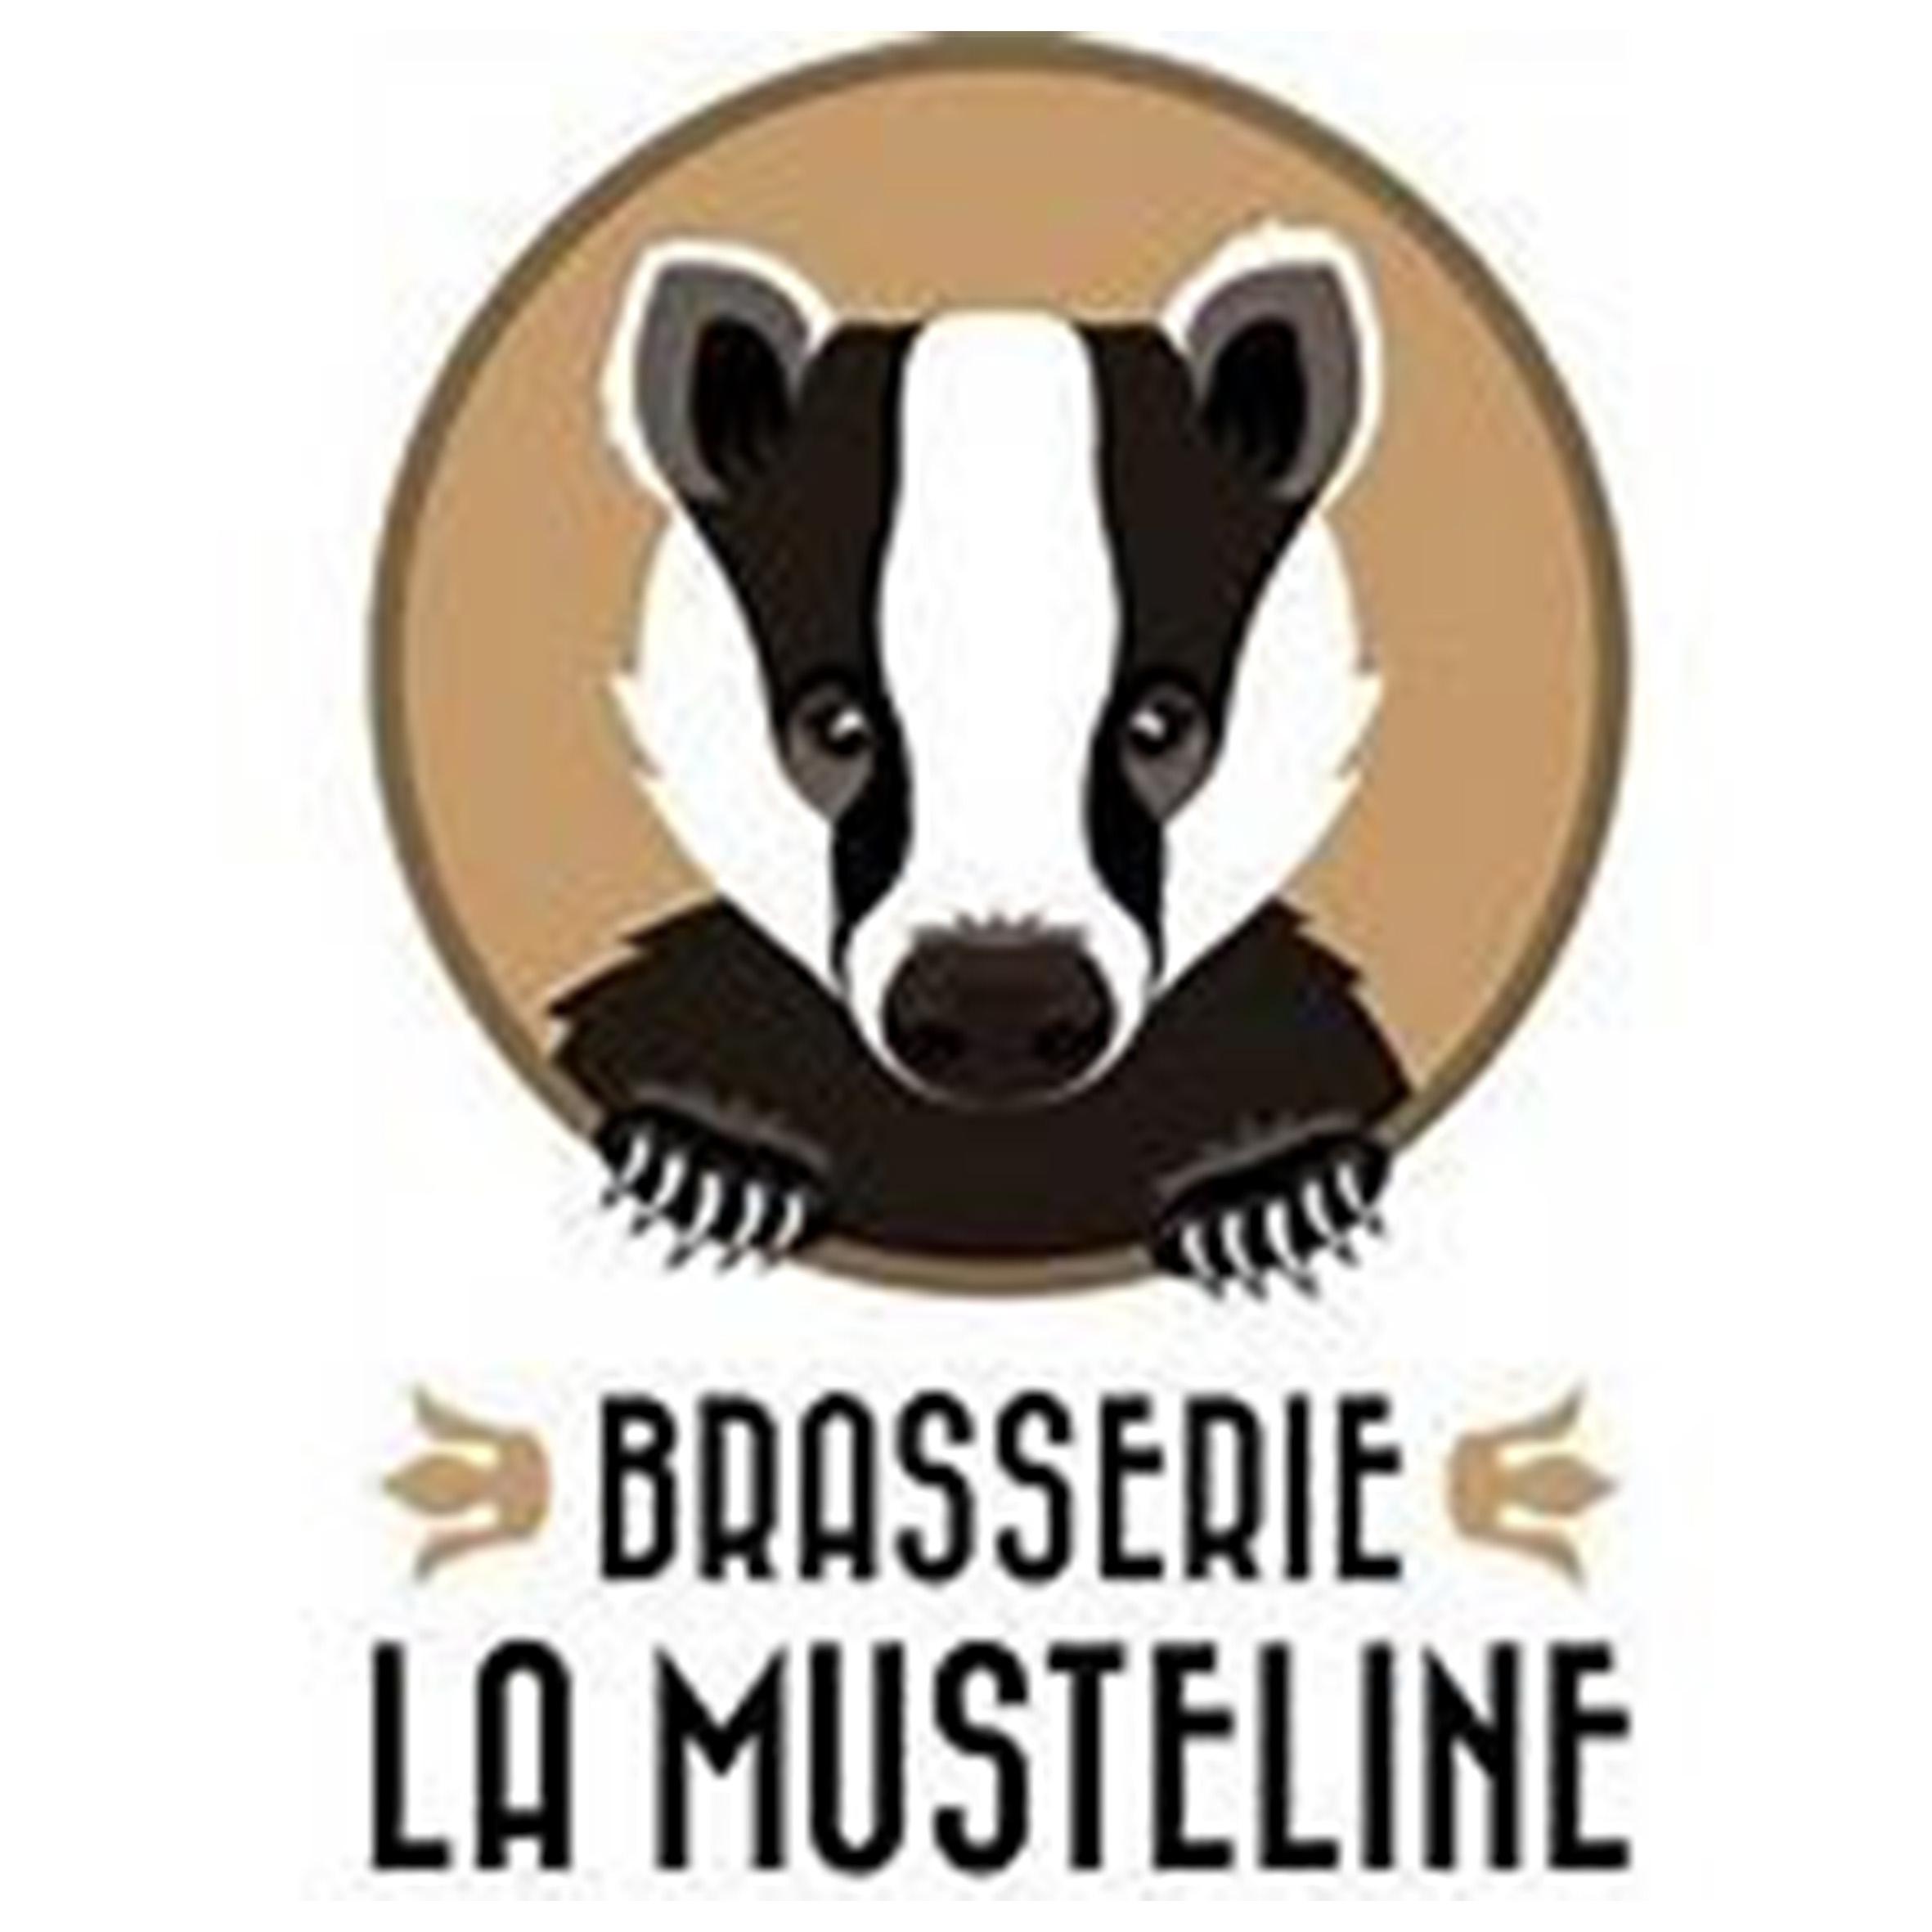 Brasserie la musteline